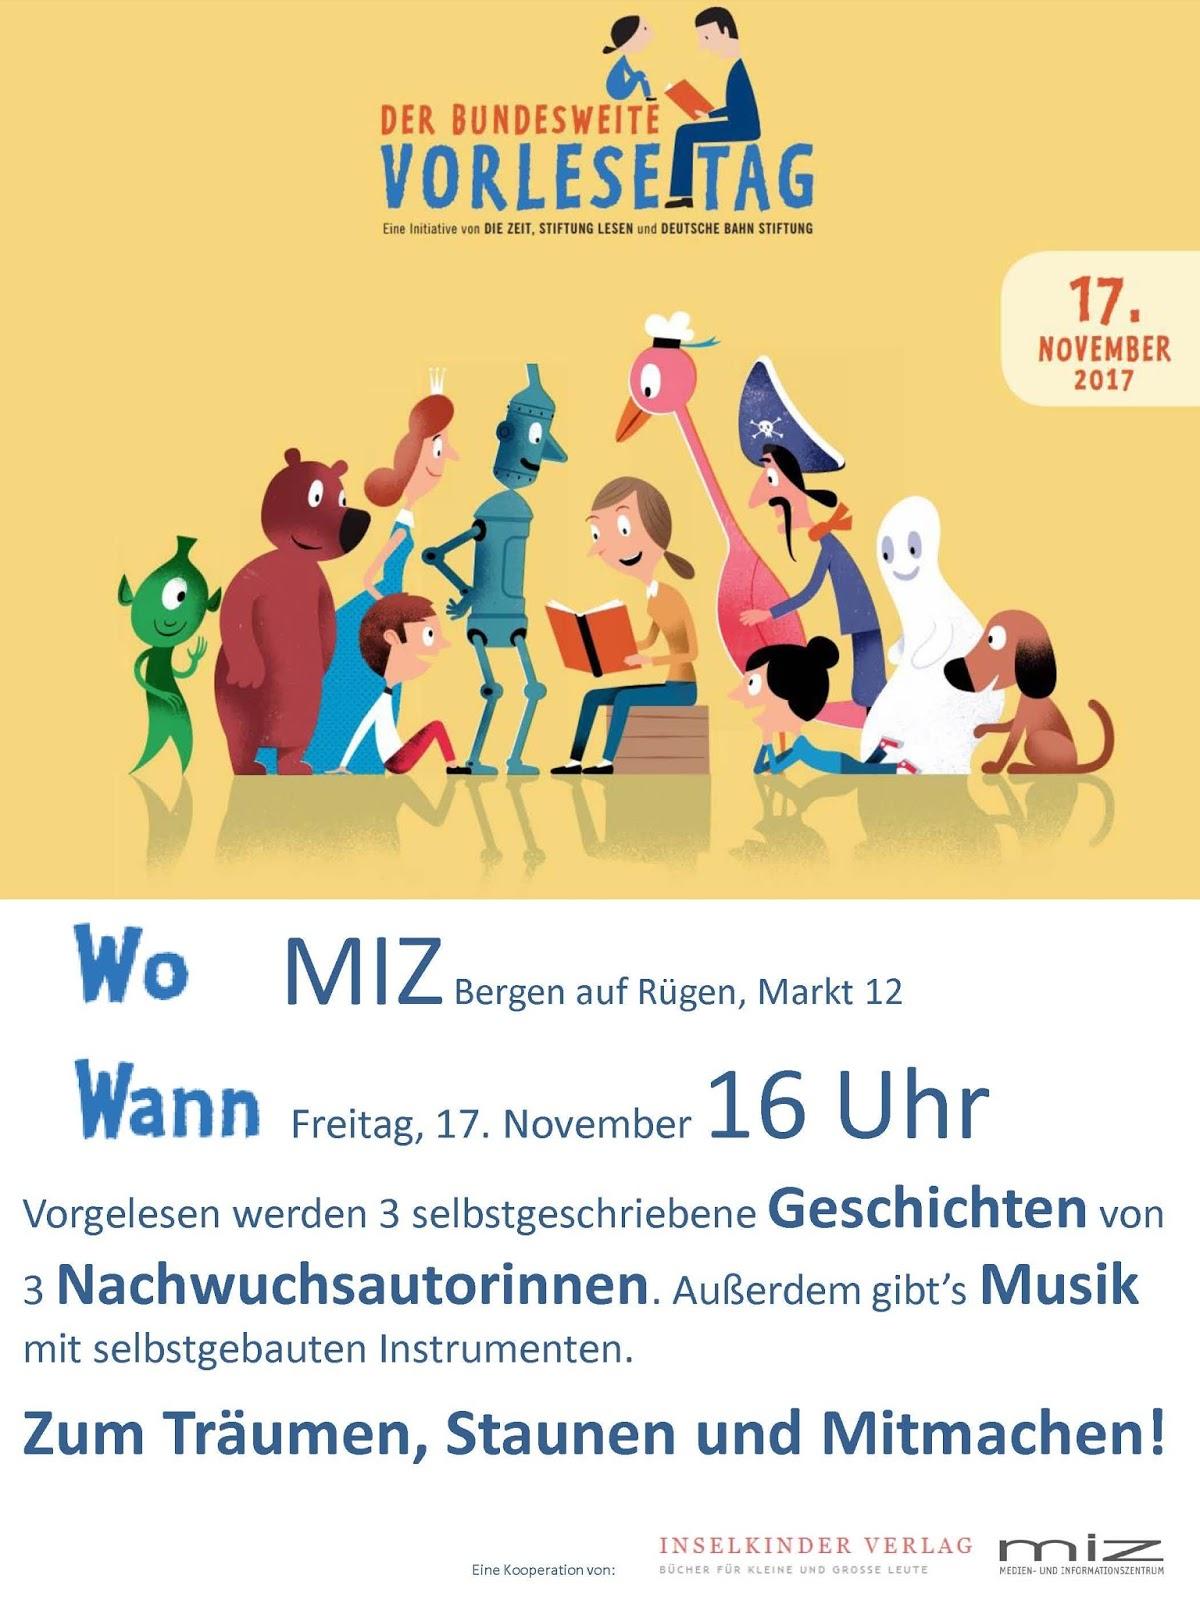 Inselkinder Verlag November 2017